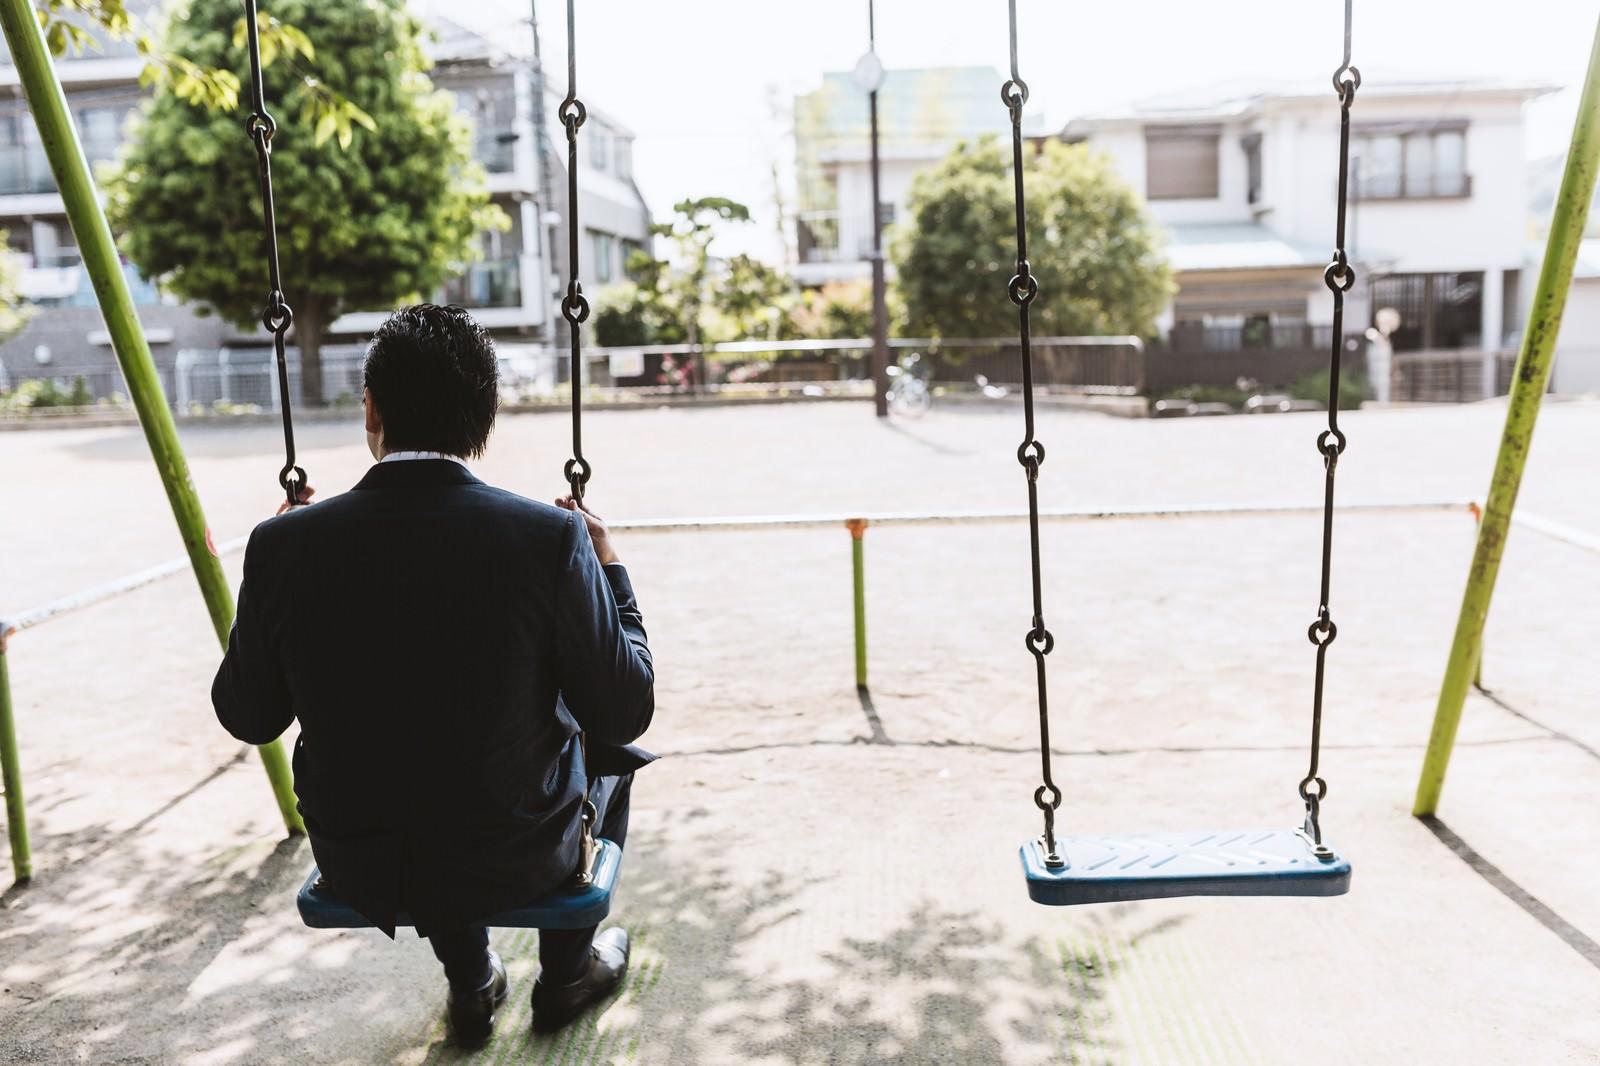 「公園のブランコで時間を潰す後ろ姿が切ないビジネスマン(ドイツ人ハーフ)」の写真[モデル:Max_Ezaki]